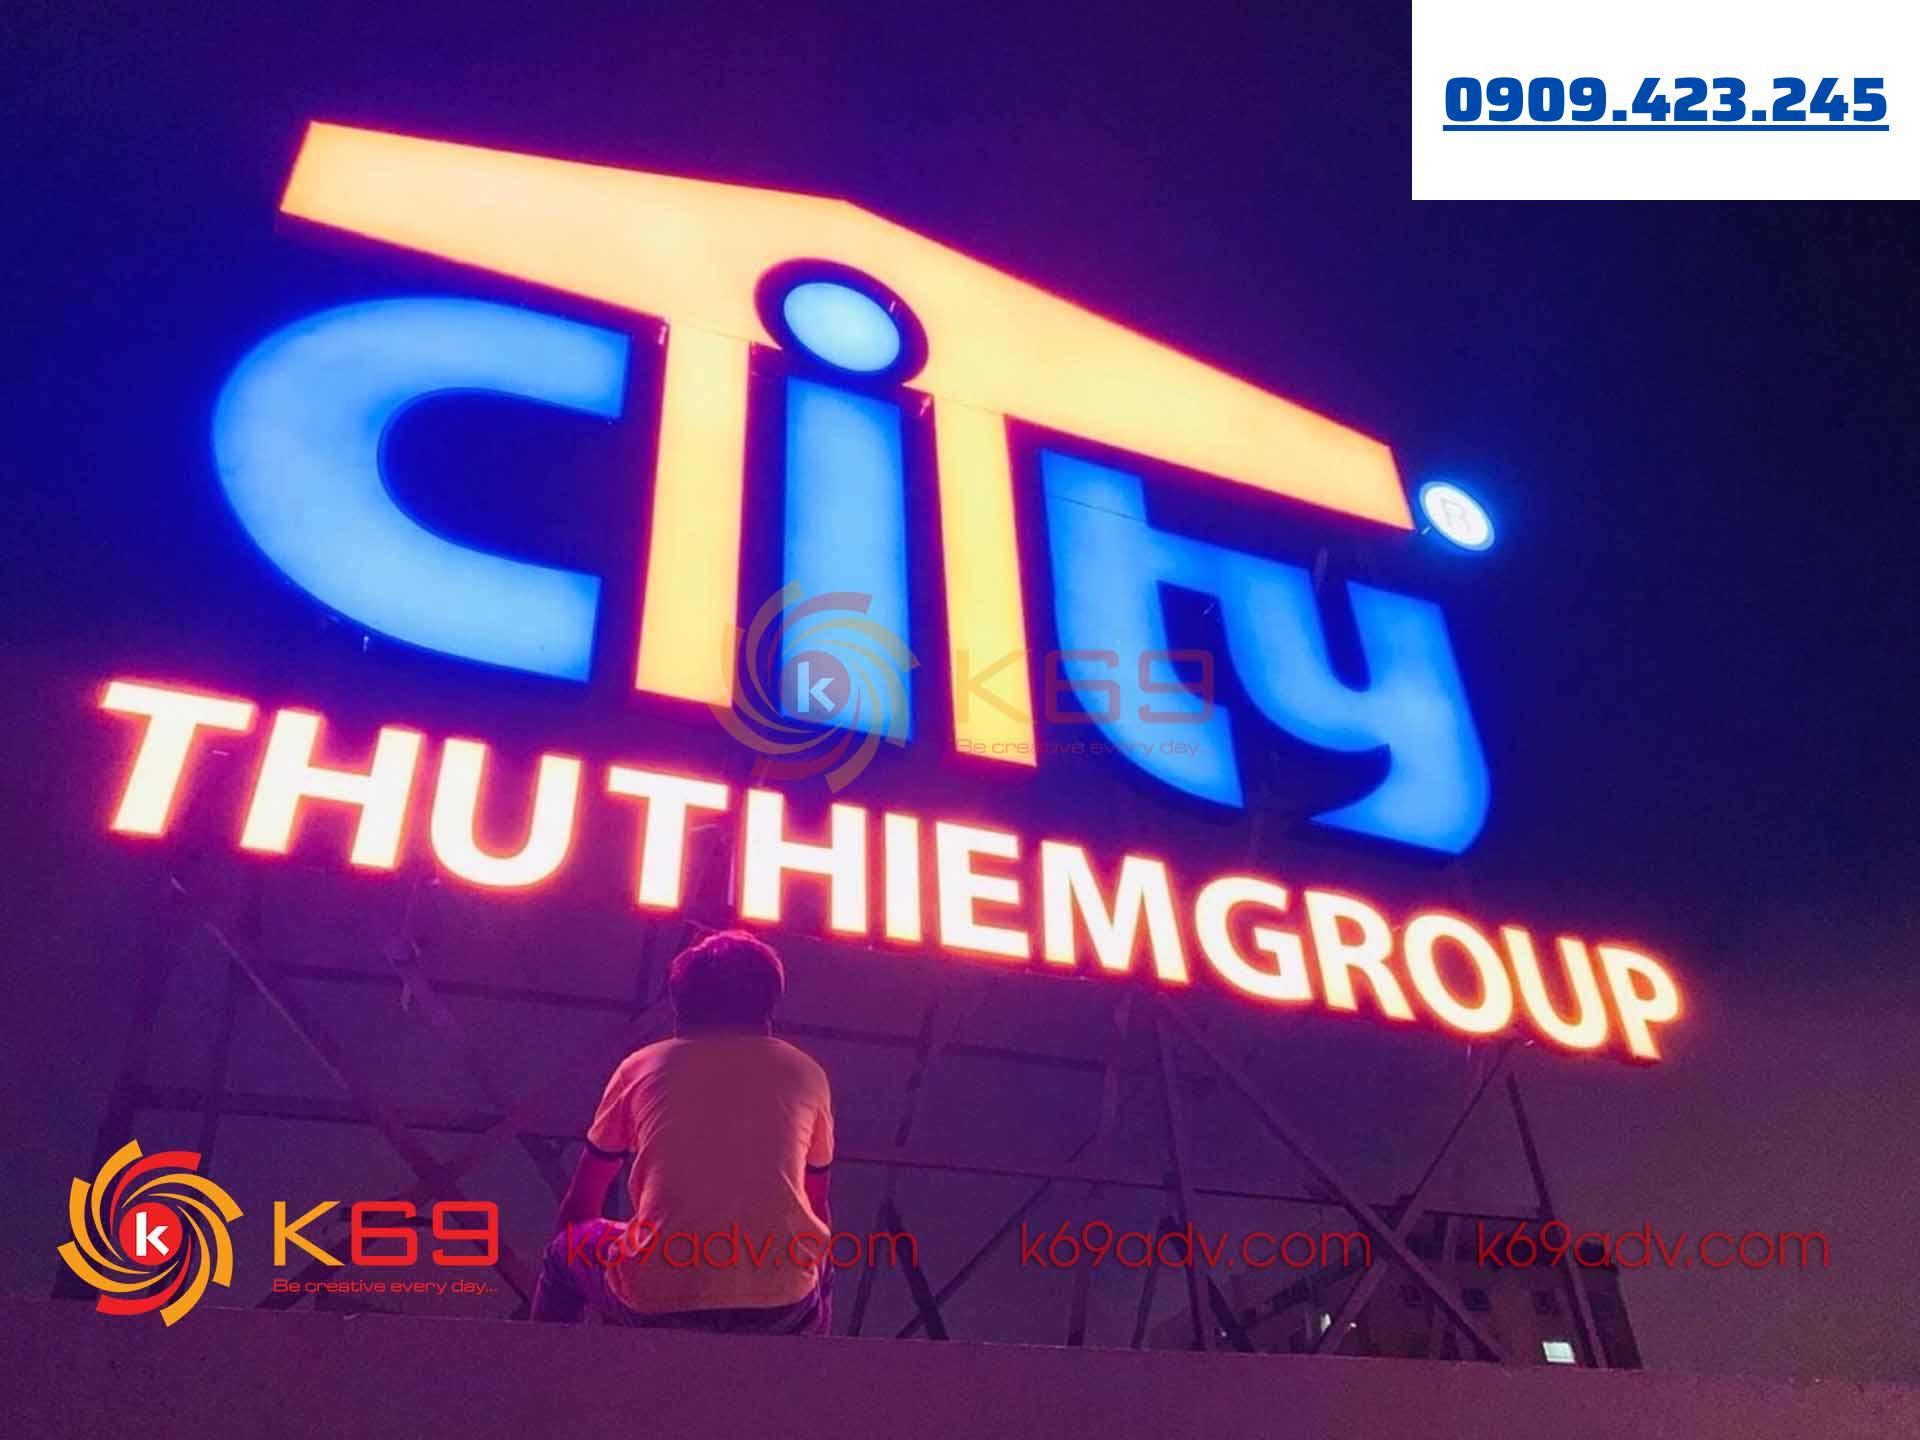 Làm bảng hiệu quảng cáo tòa nhà thủ thiêm group tại k69adv